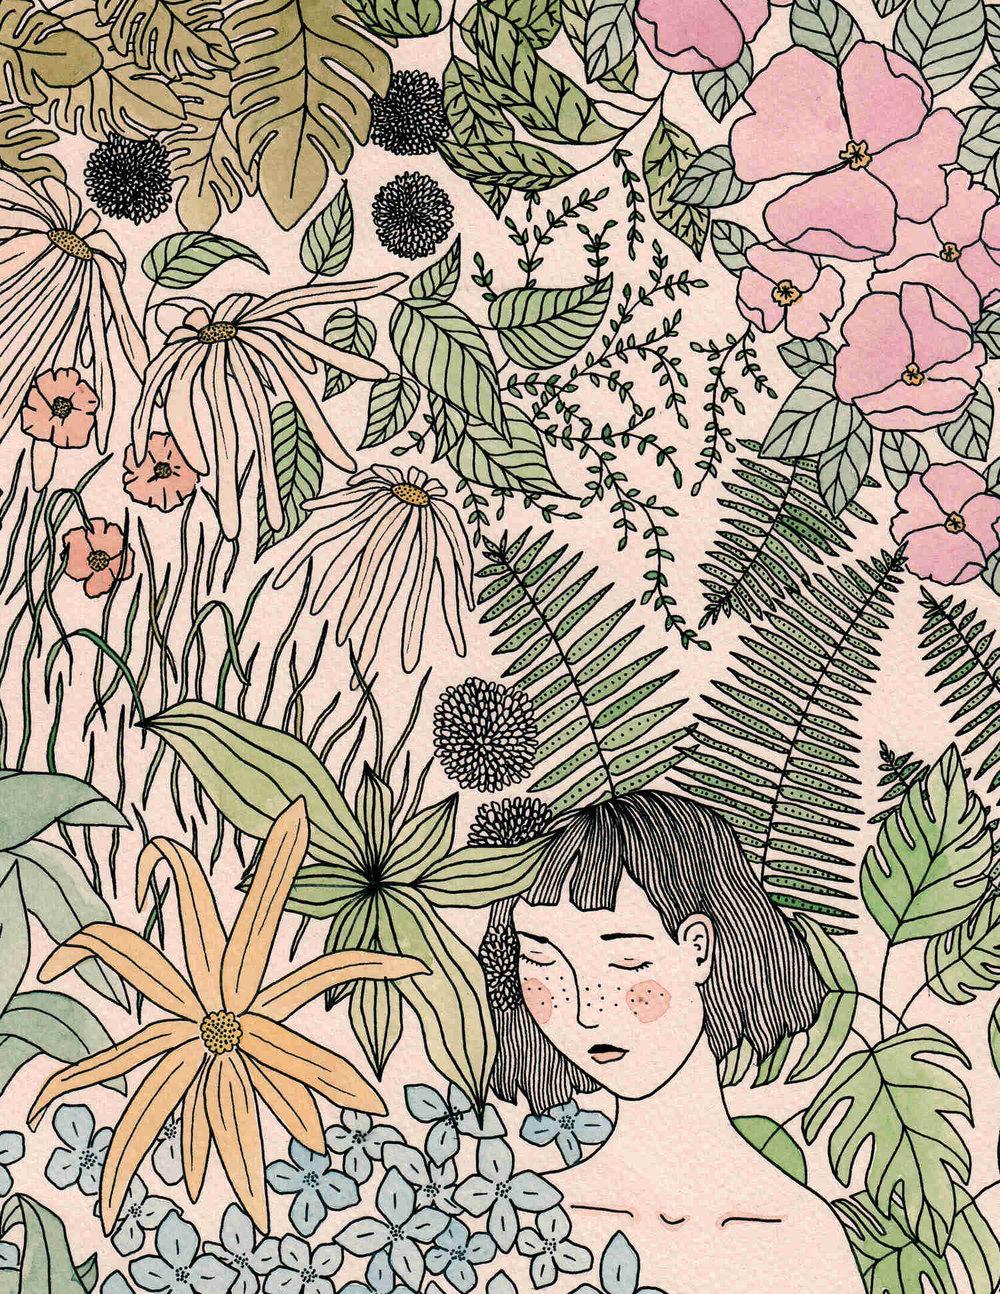 girl in flowers for merge.jpg